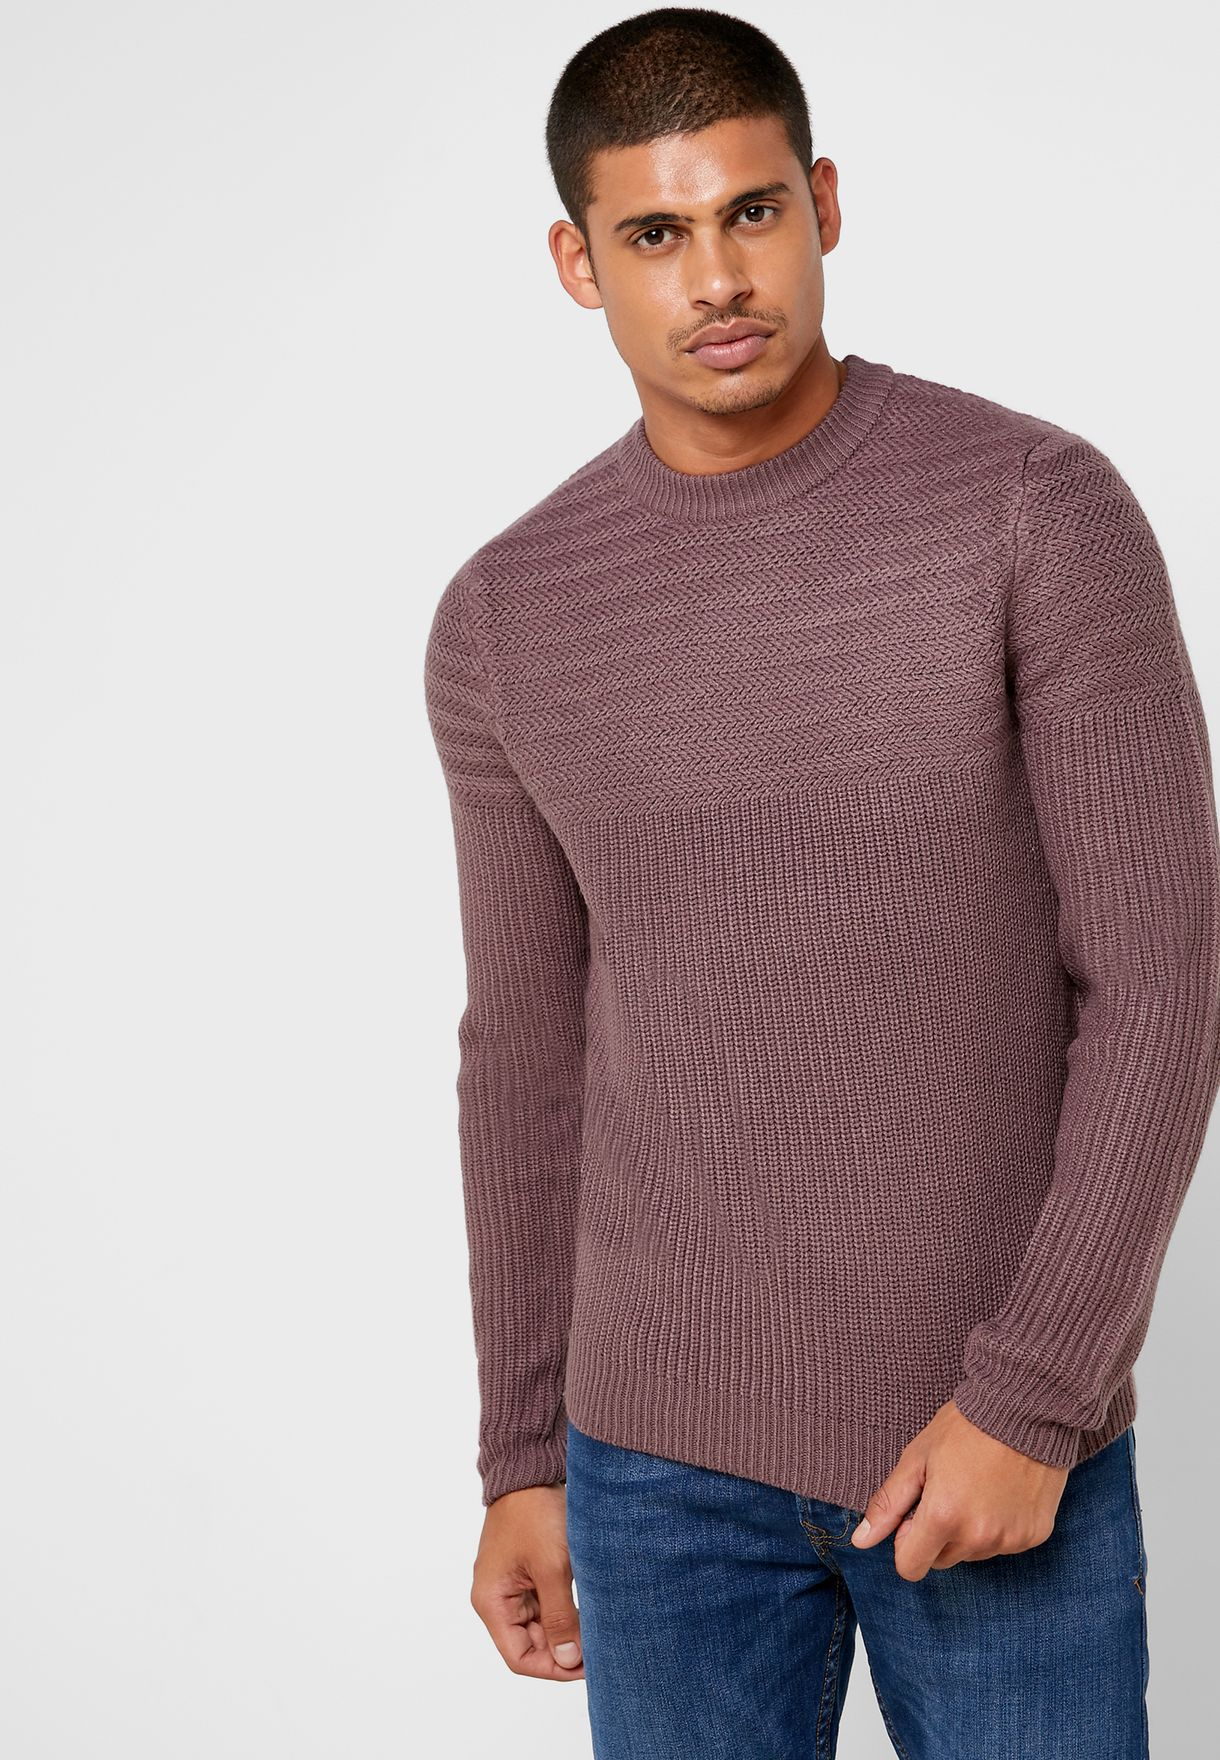 Textured Yoke Detail Sweater